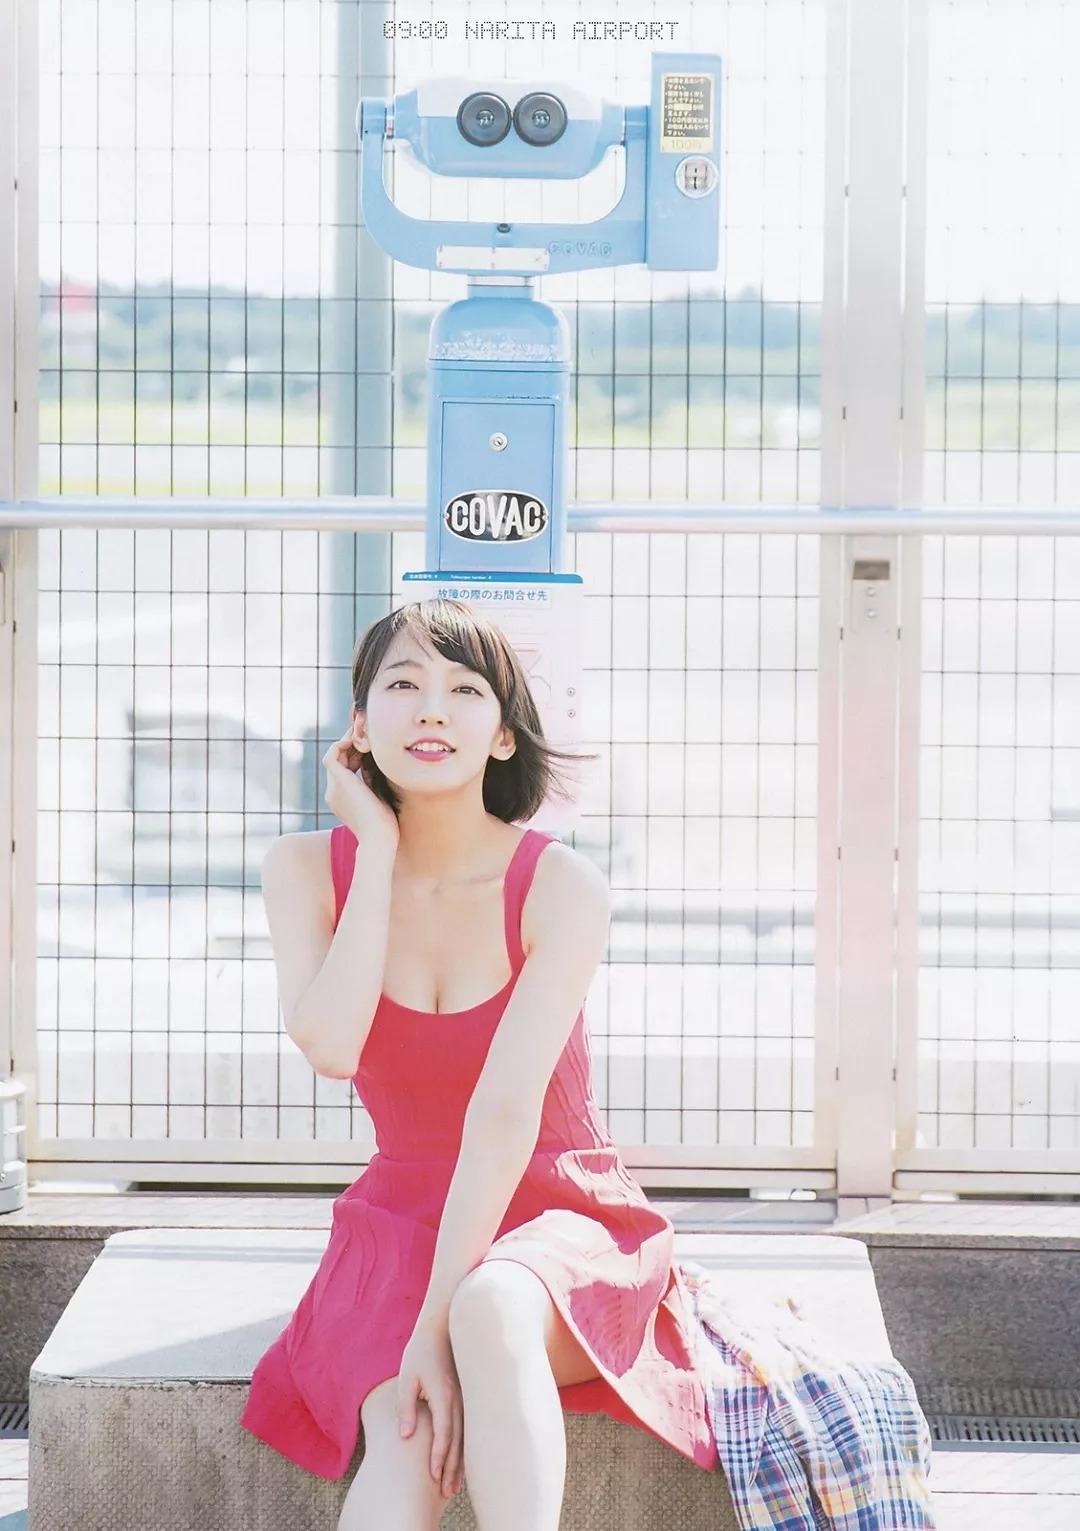 治愈系魔性之女吉冈里帆写真作品 (141)